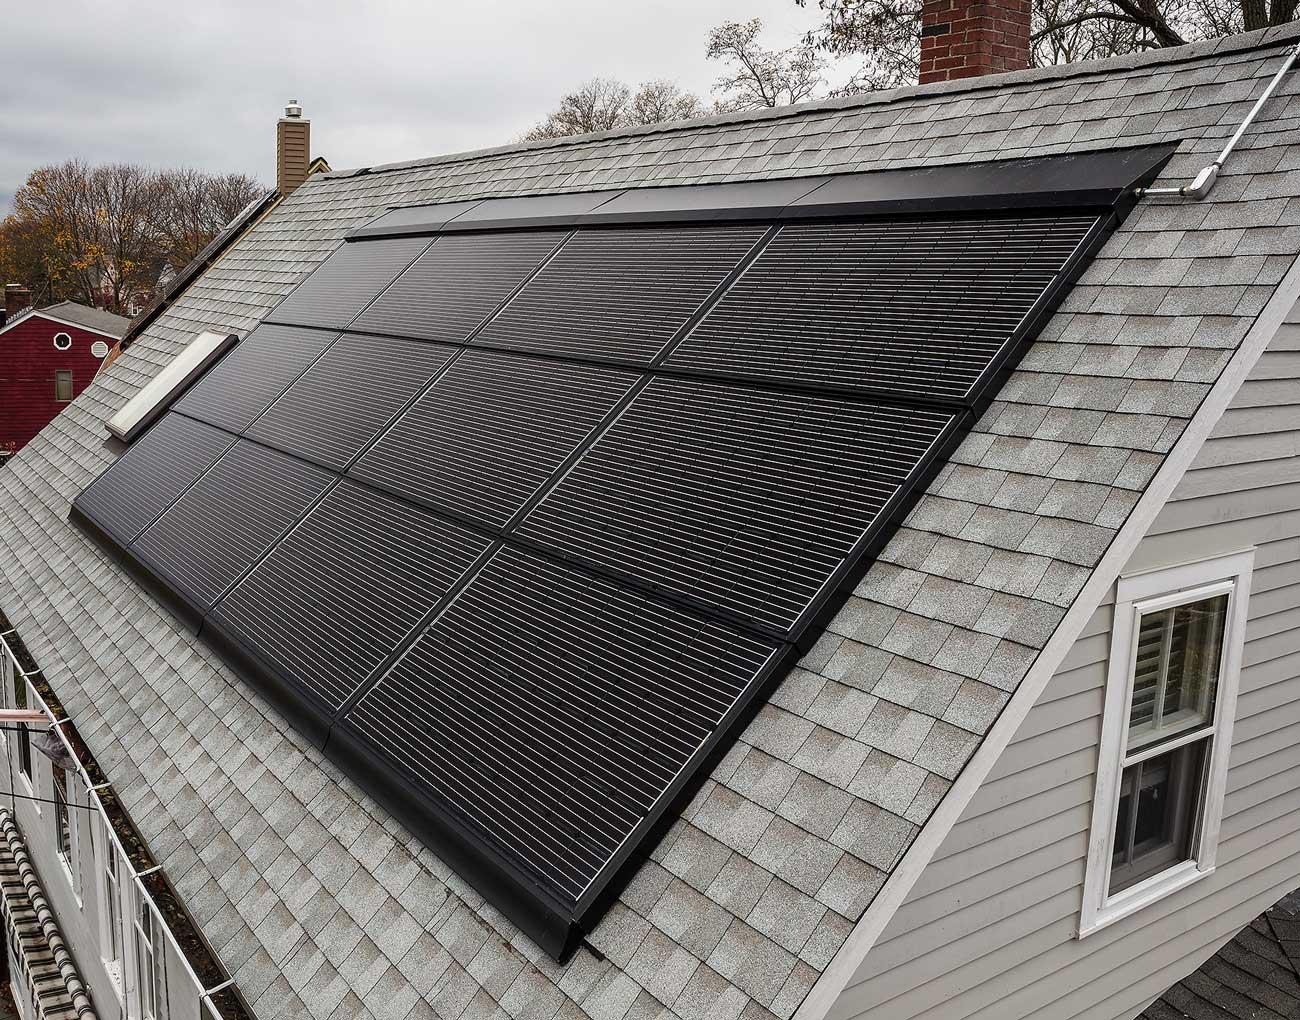 na gontach gaf zamontowane są solary